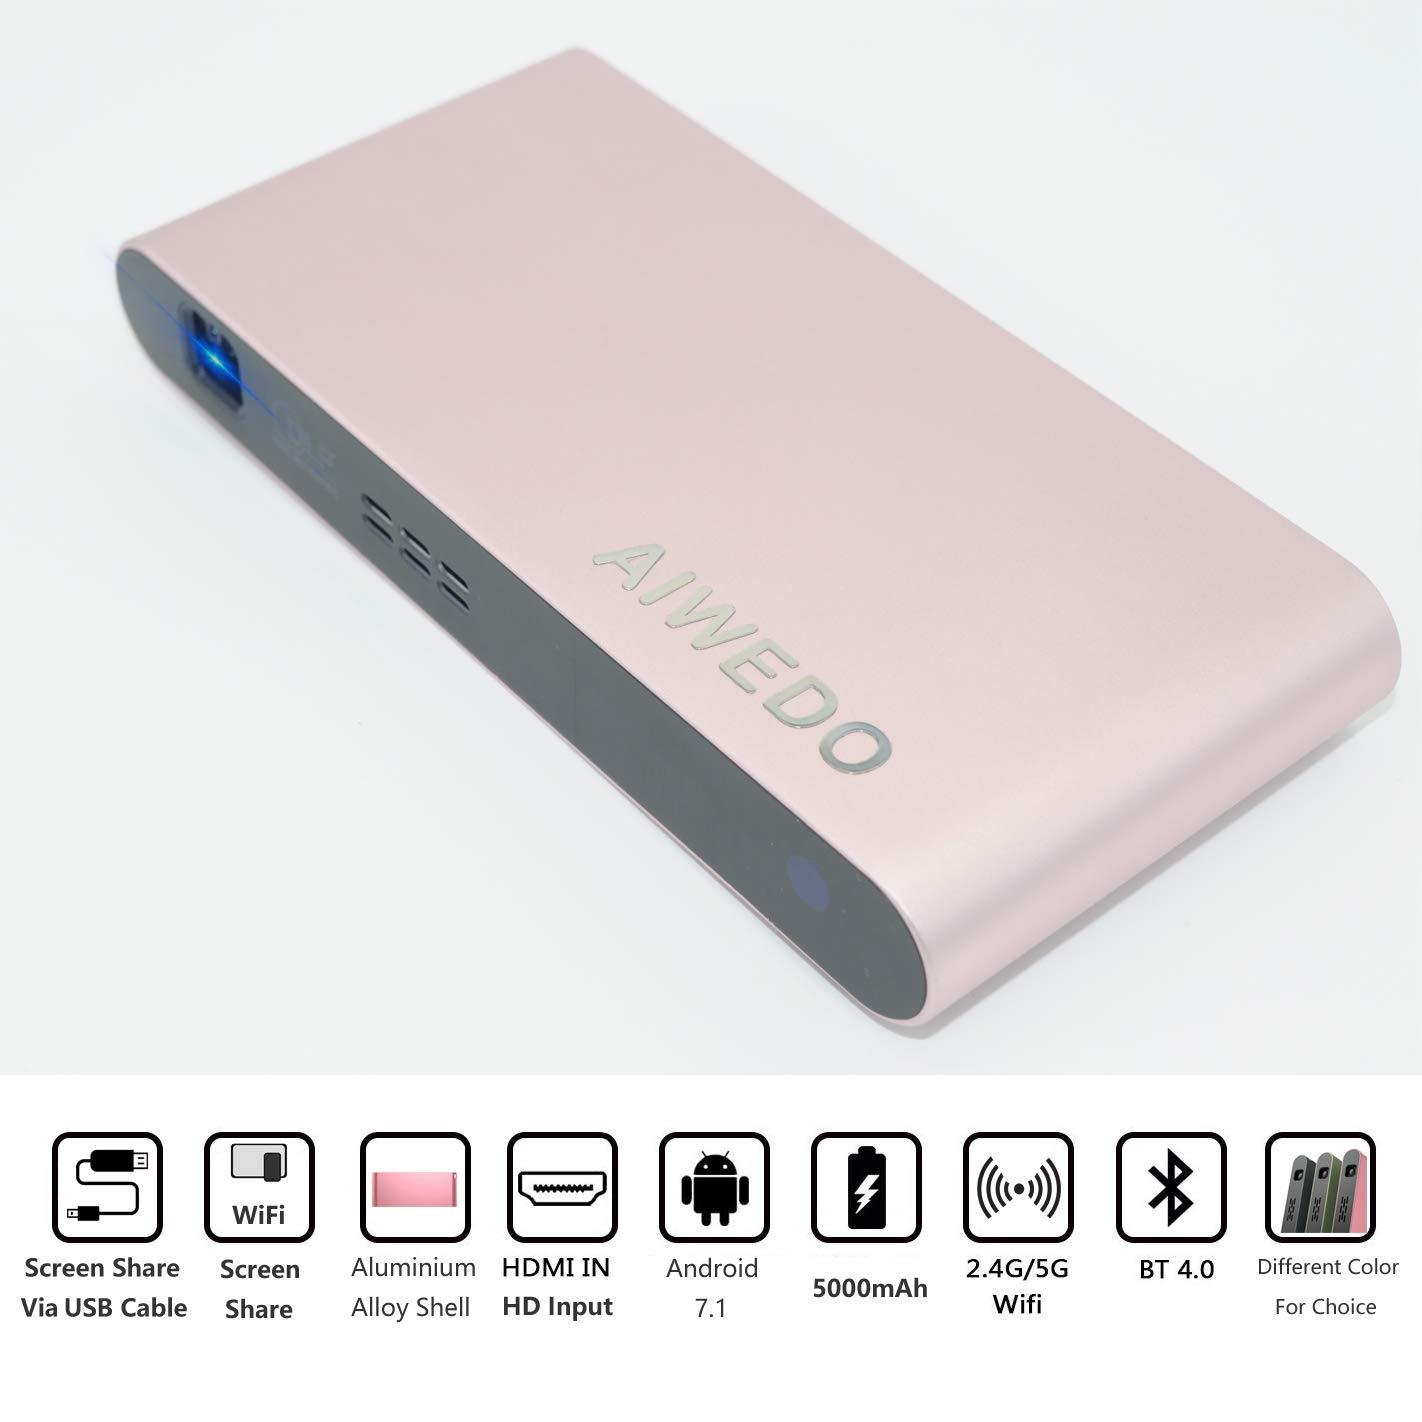 Amazon.com: AIWEDO Portable DLP Video Pico Mini Projector ...